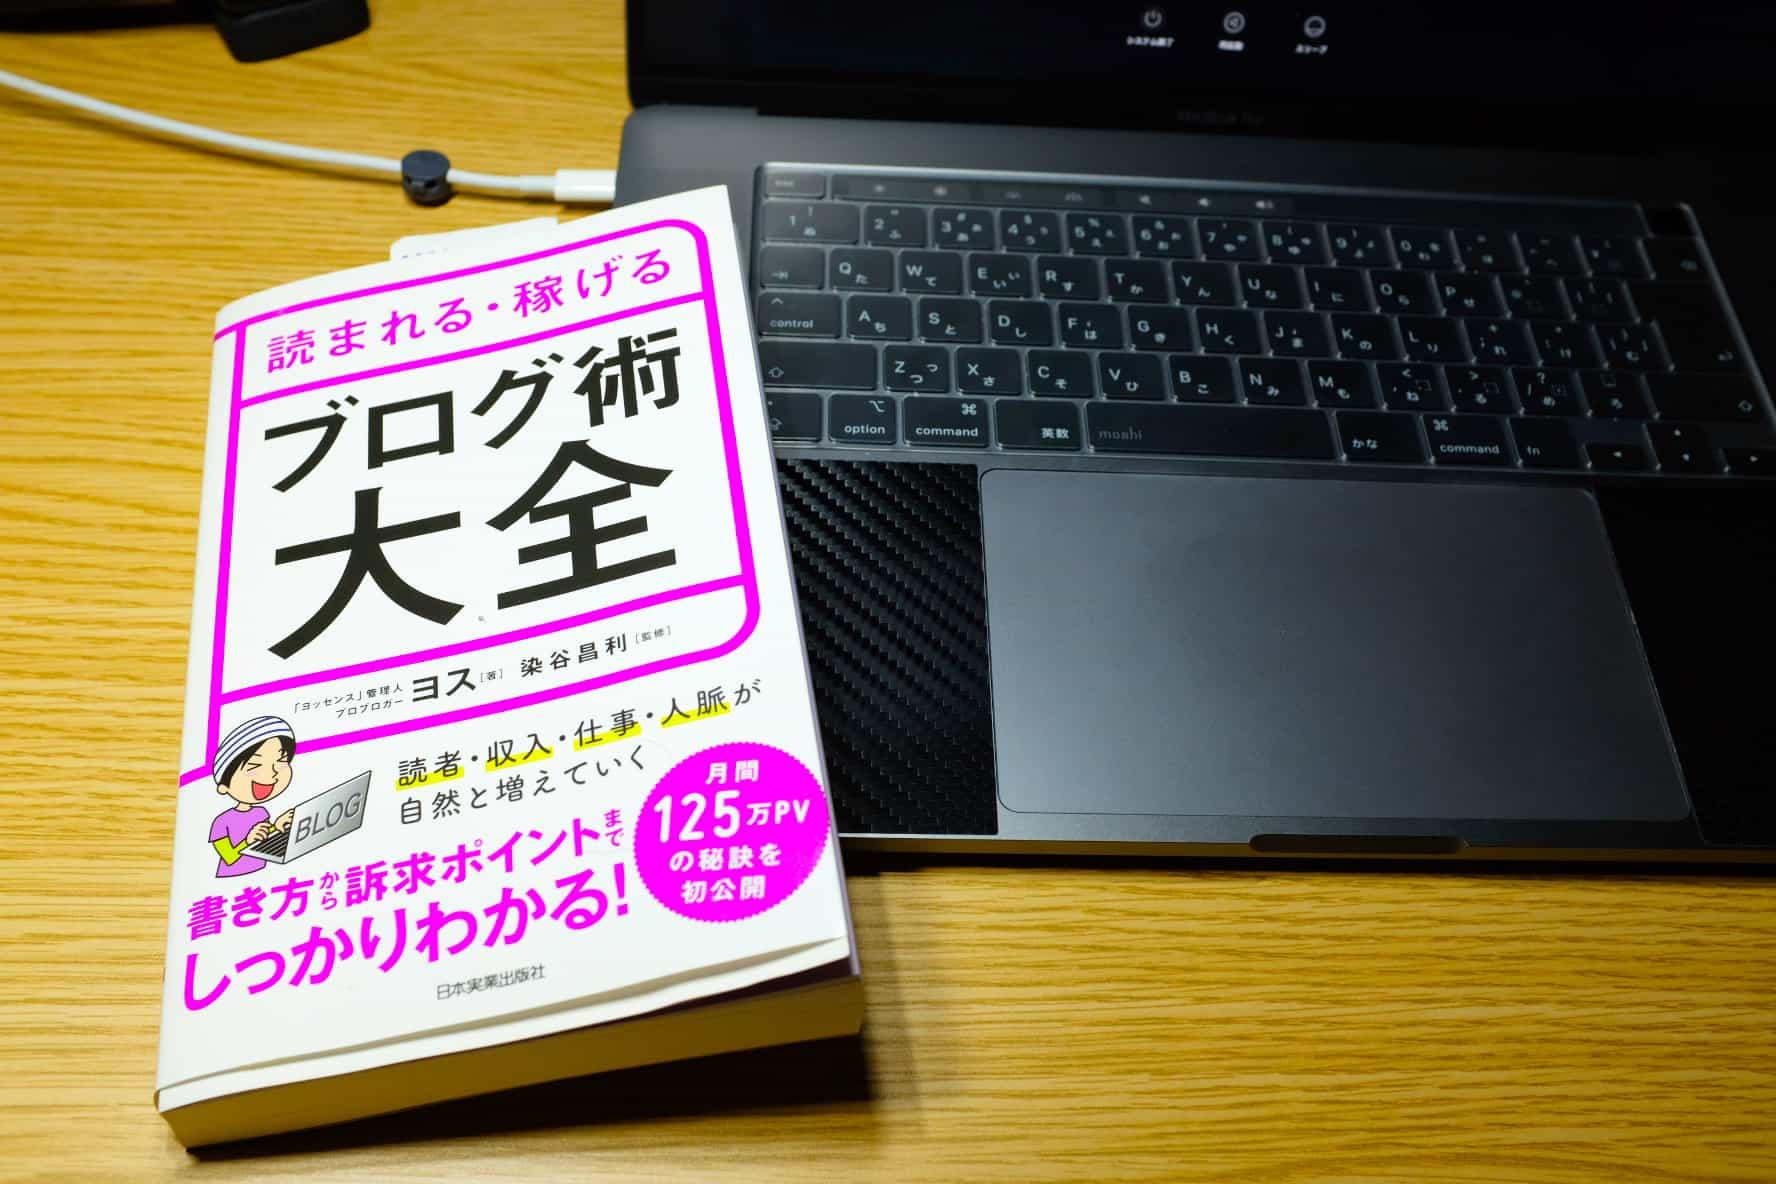 ブログをやってても読んだらいい書籍『読まれる・稼げる ブログ術大全』